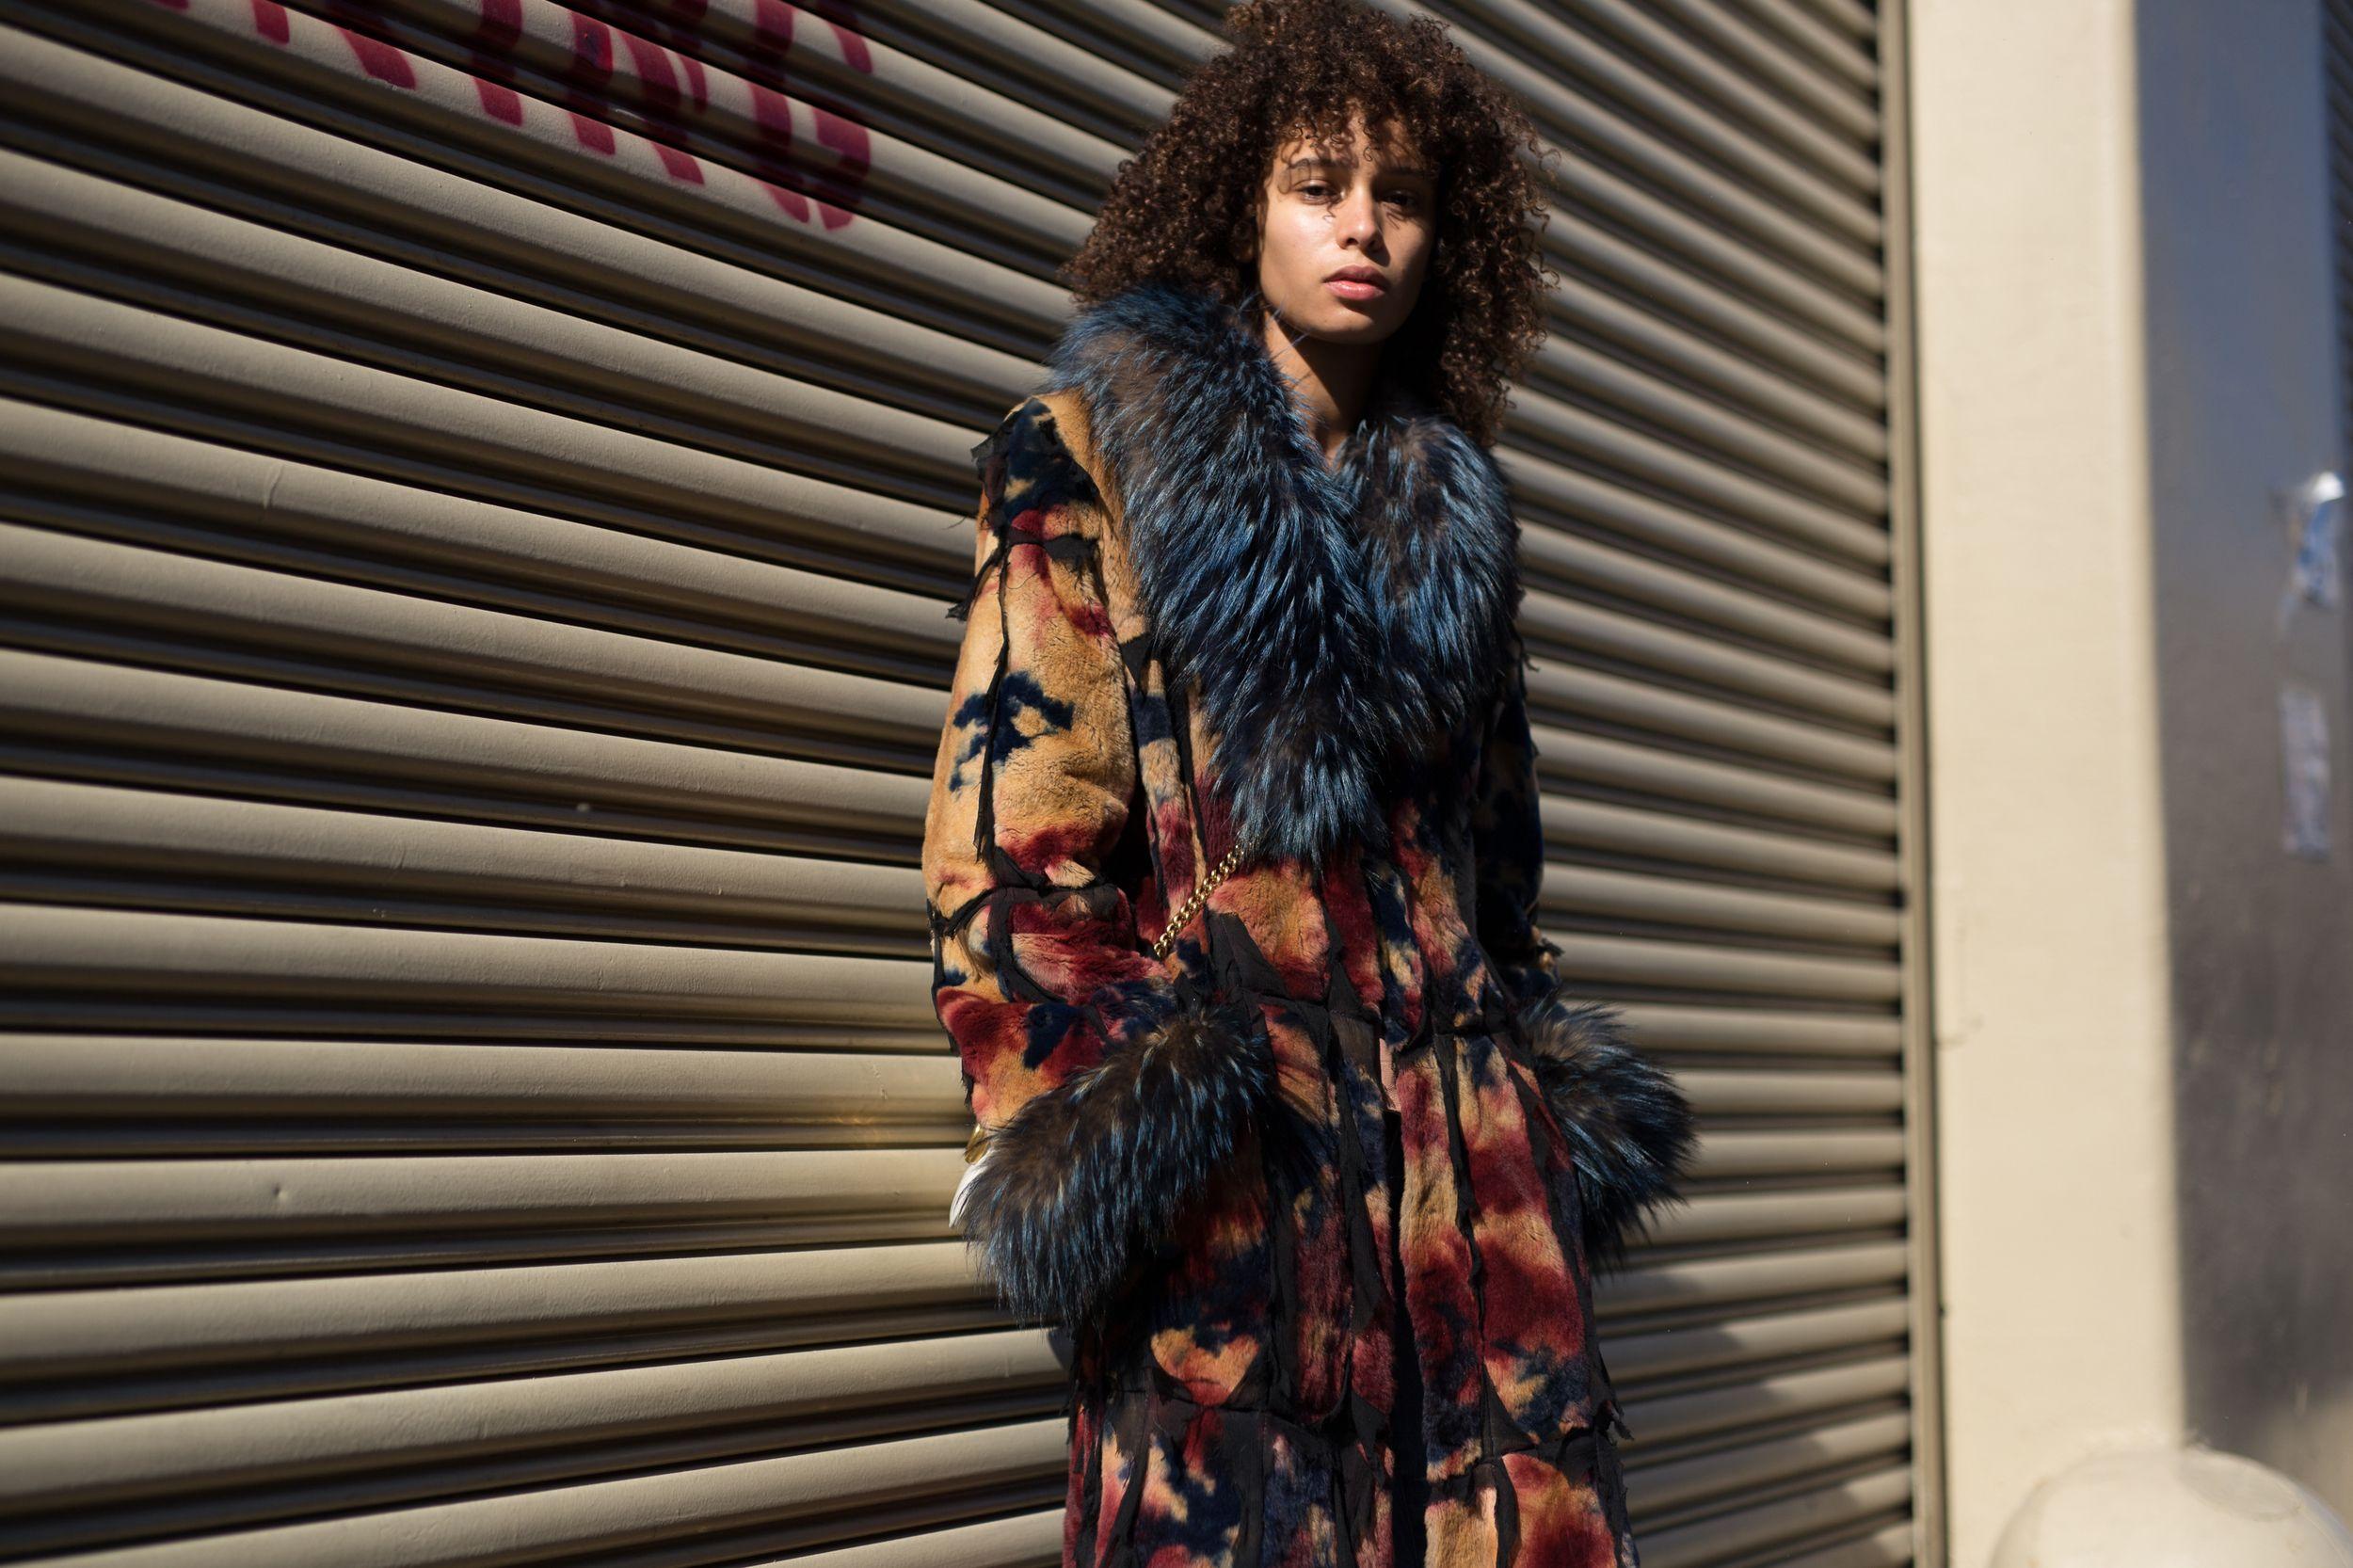 lifestyle-fashion-photography-photo-retouching-sample